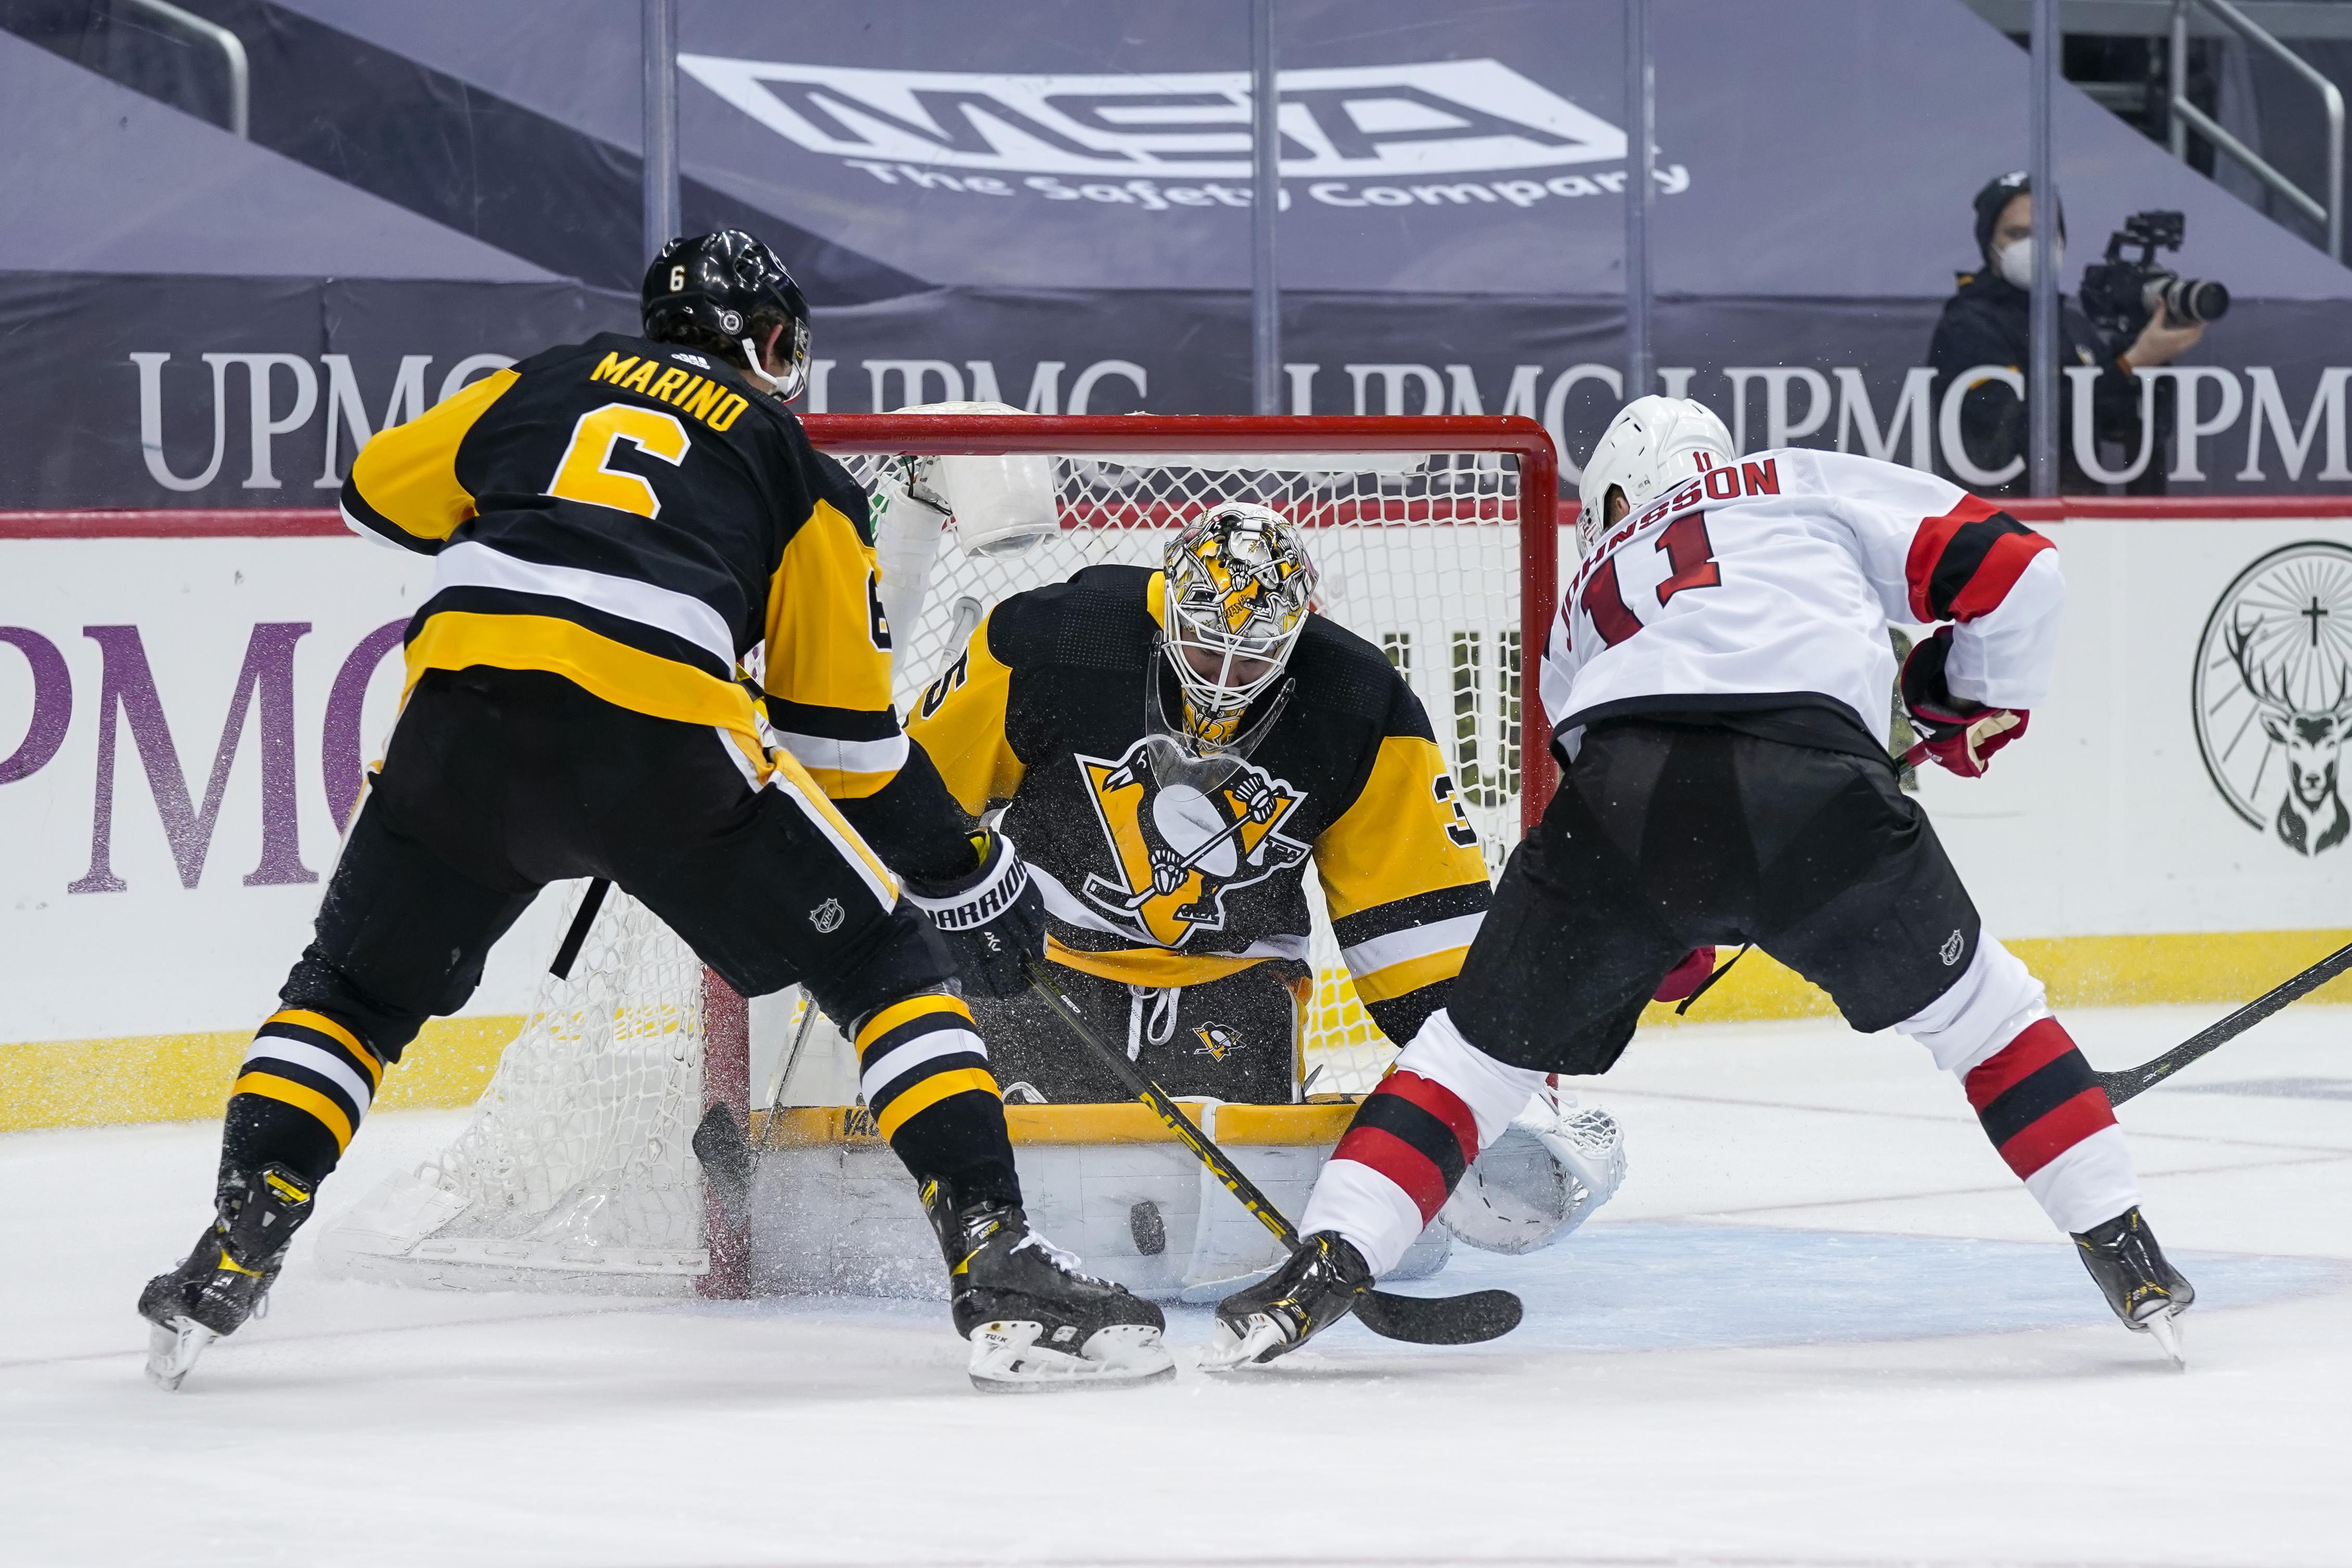 NHL: APR 20 Devils at Penguins